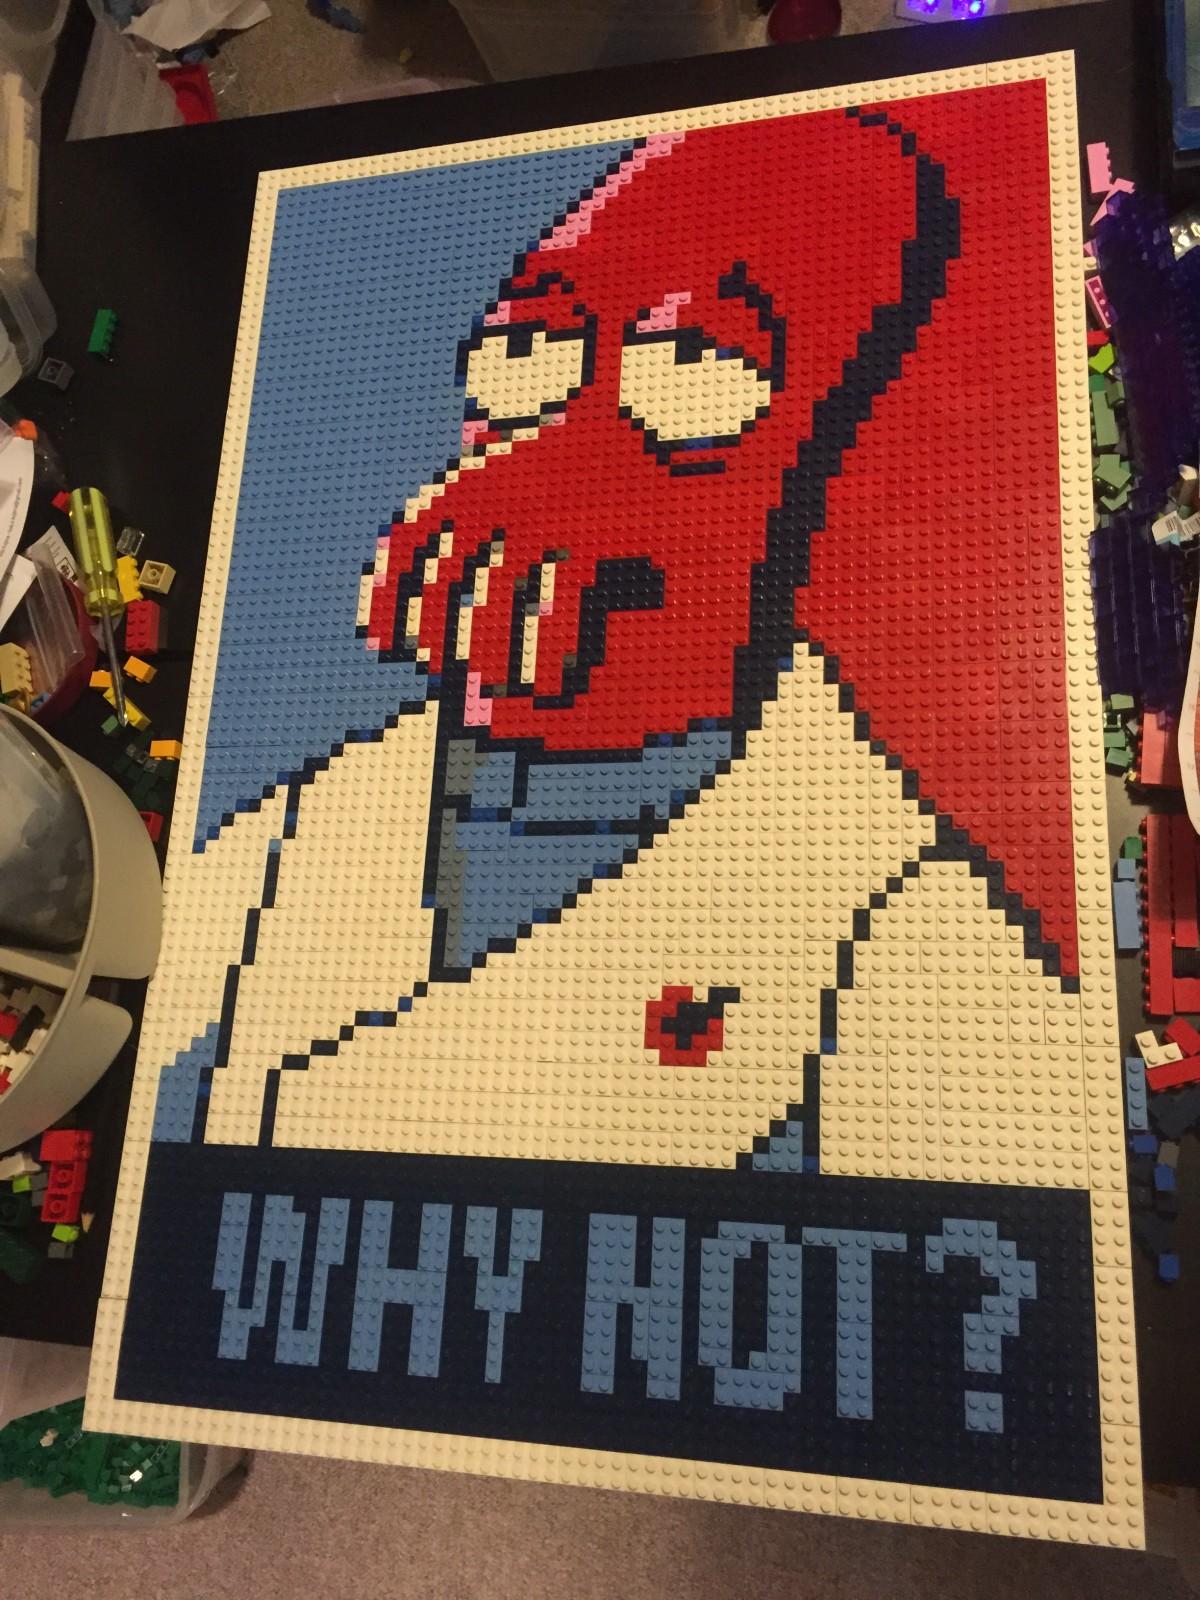 Zoidberg, a Lego Mosaic by Dave Ware (Brickwares)